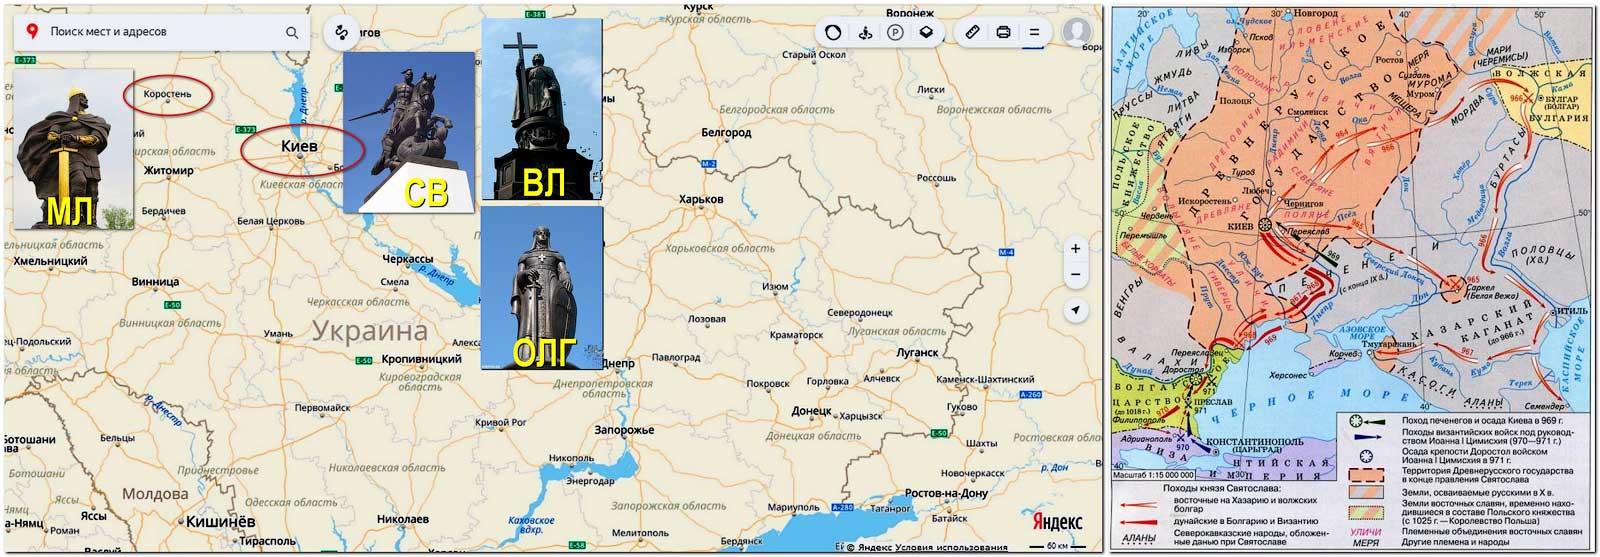 Современная карта Украины